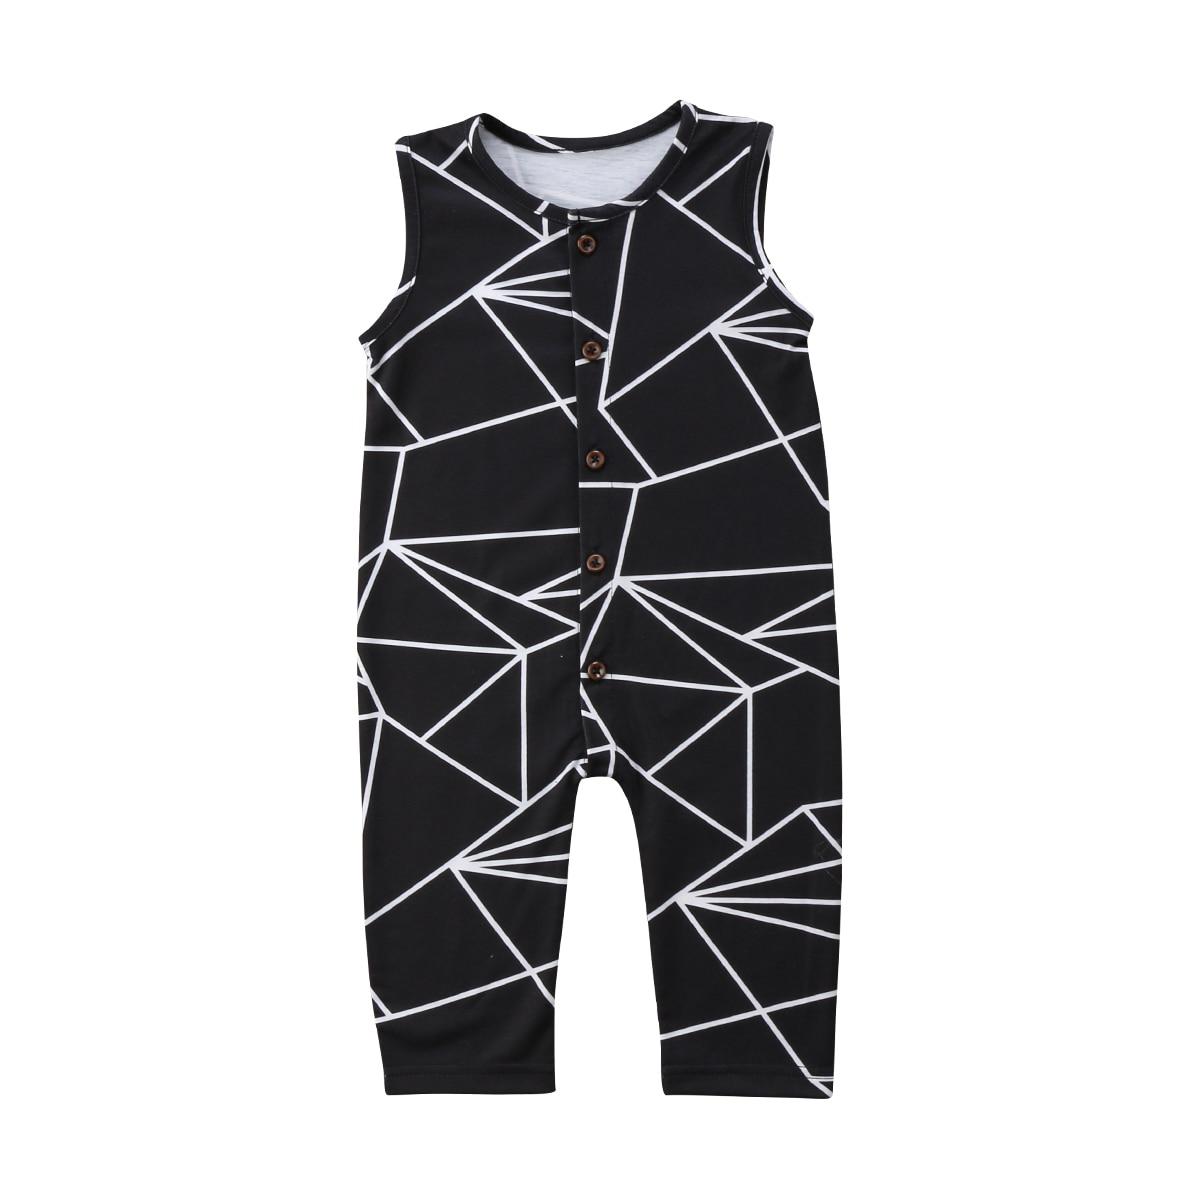 Для новорожденных детская одежда для мальчиков и девочек Геометрия комбинезон без рукавов одежда для малышей комплект одежды 0-24 м